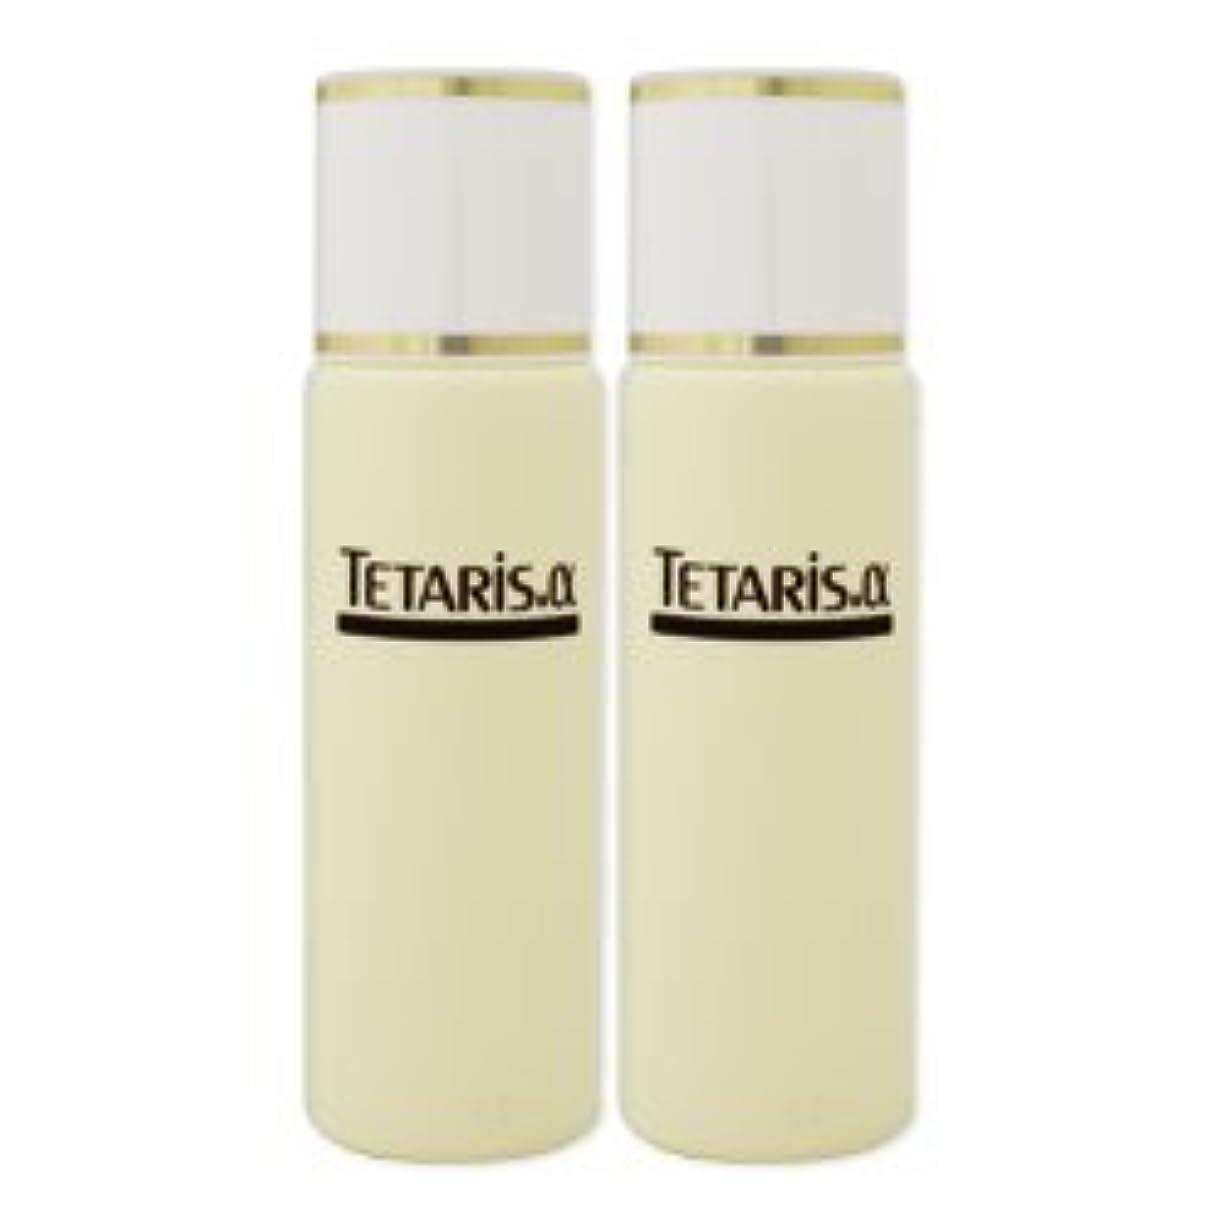 コメント化学代表団薬用テタリスアルファ 200ml 2個セット 頭皮用薬用育毛剤 医薬部外品